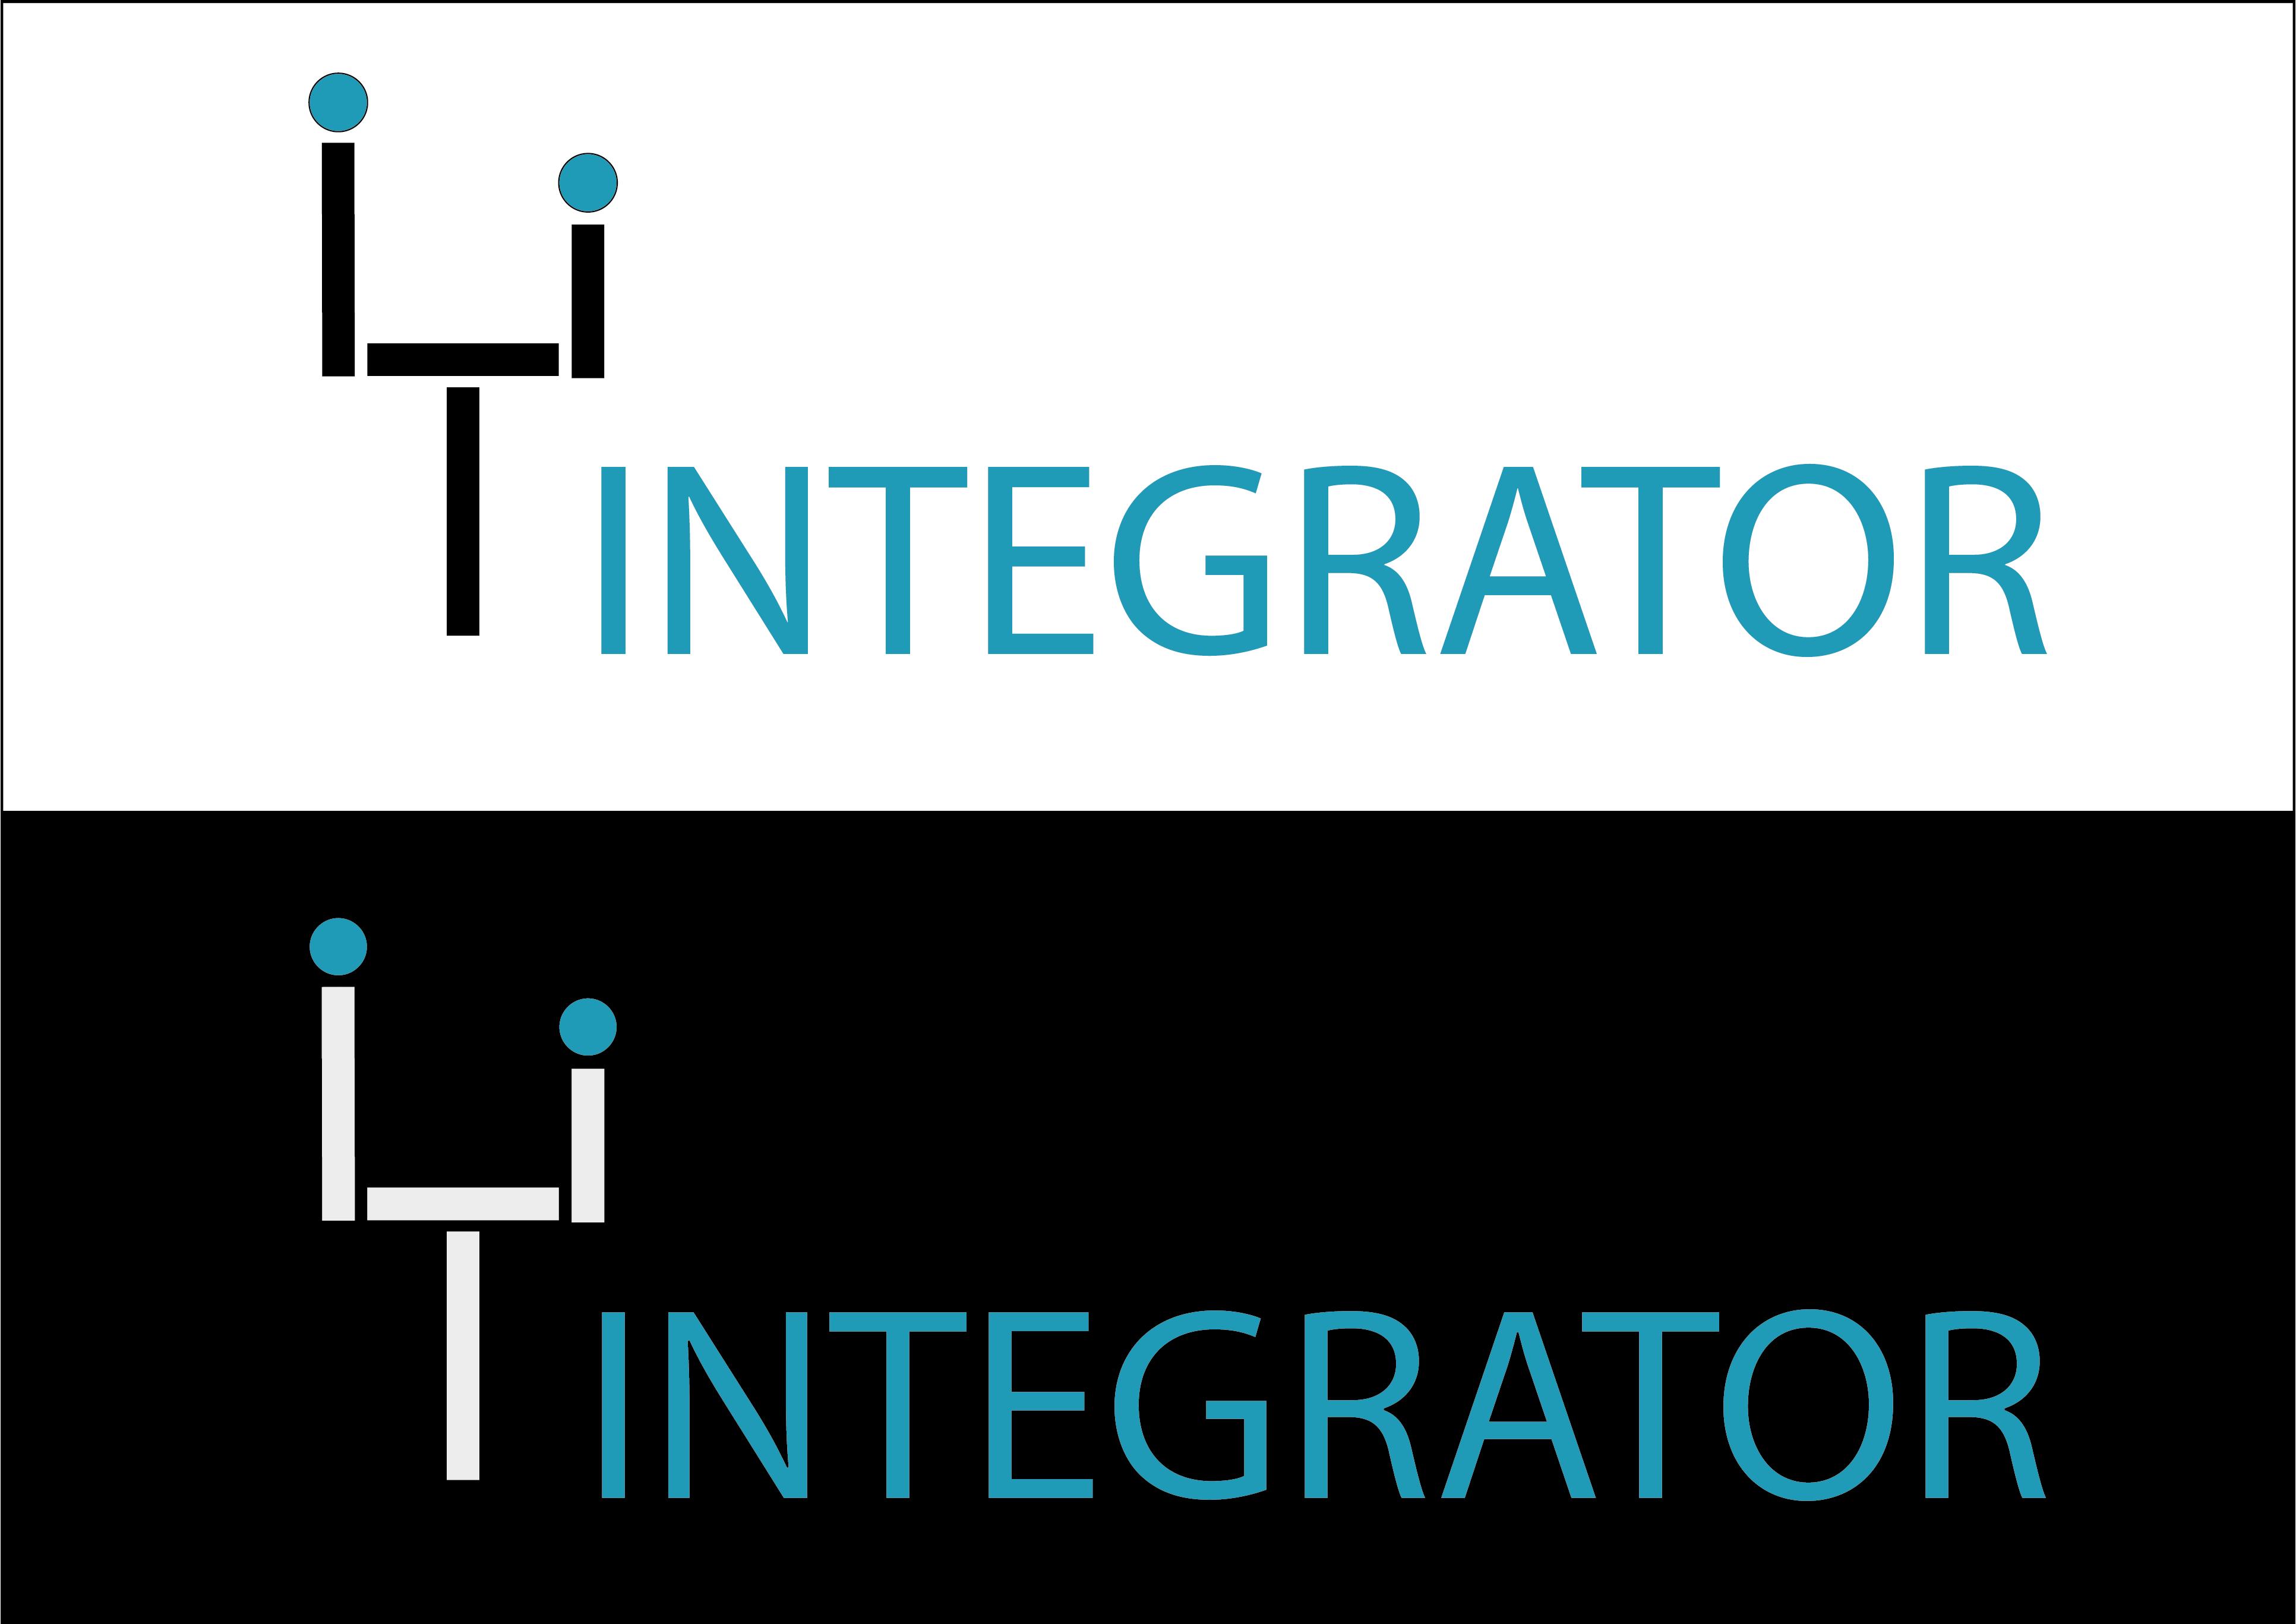 Логотип для IT интегратора фото f_795614a51dc25111.png